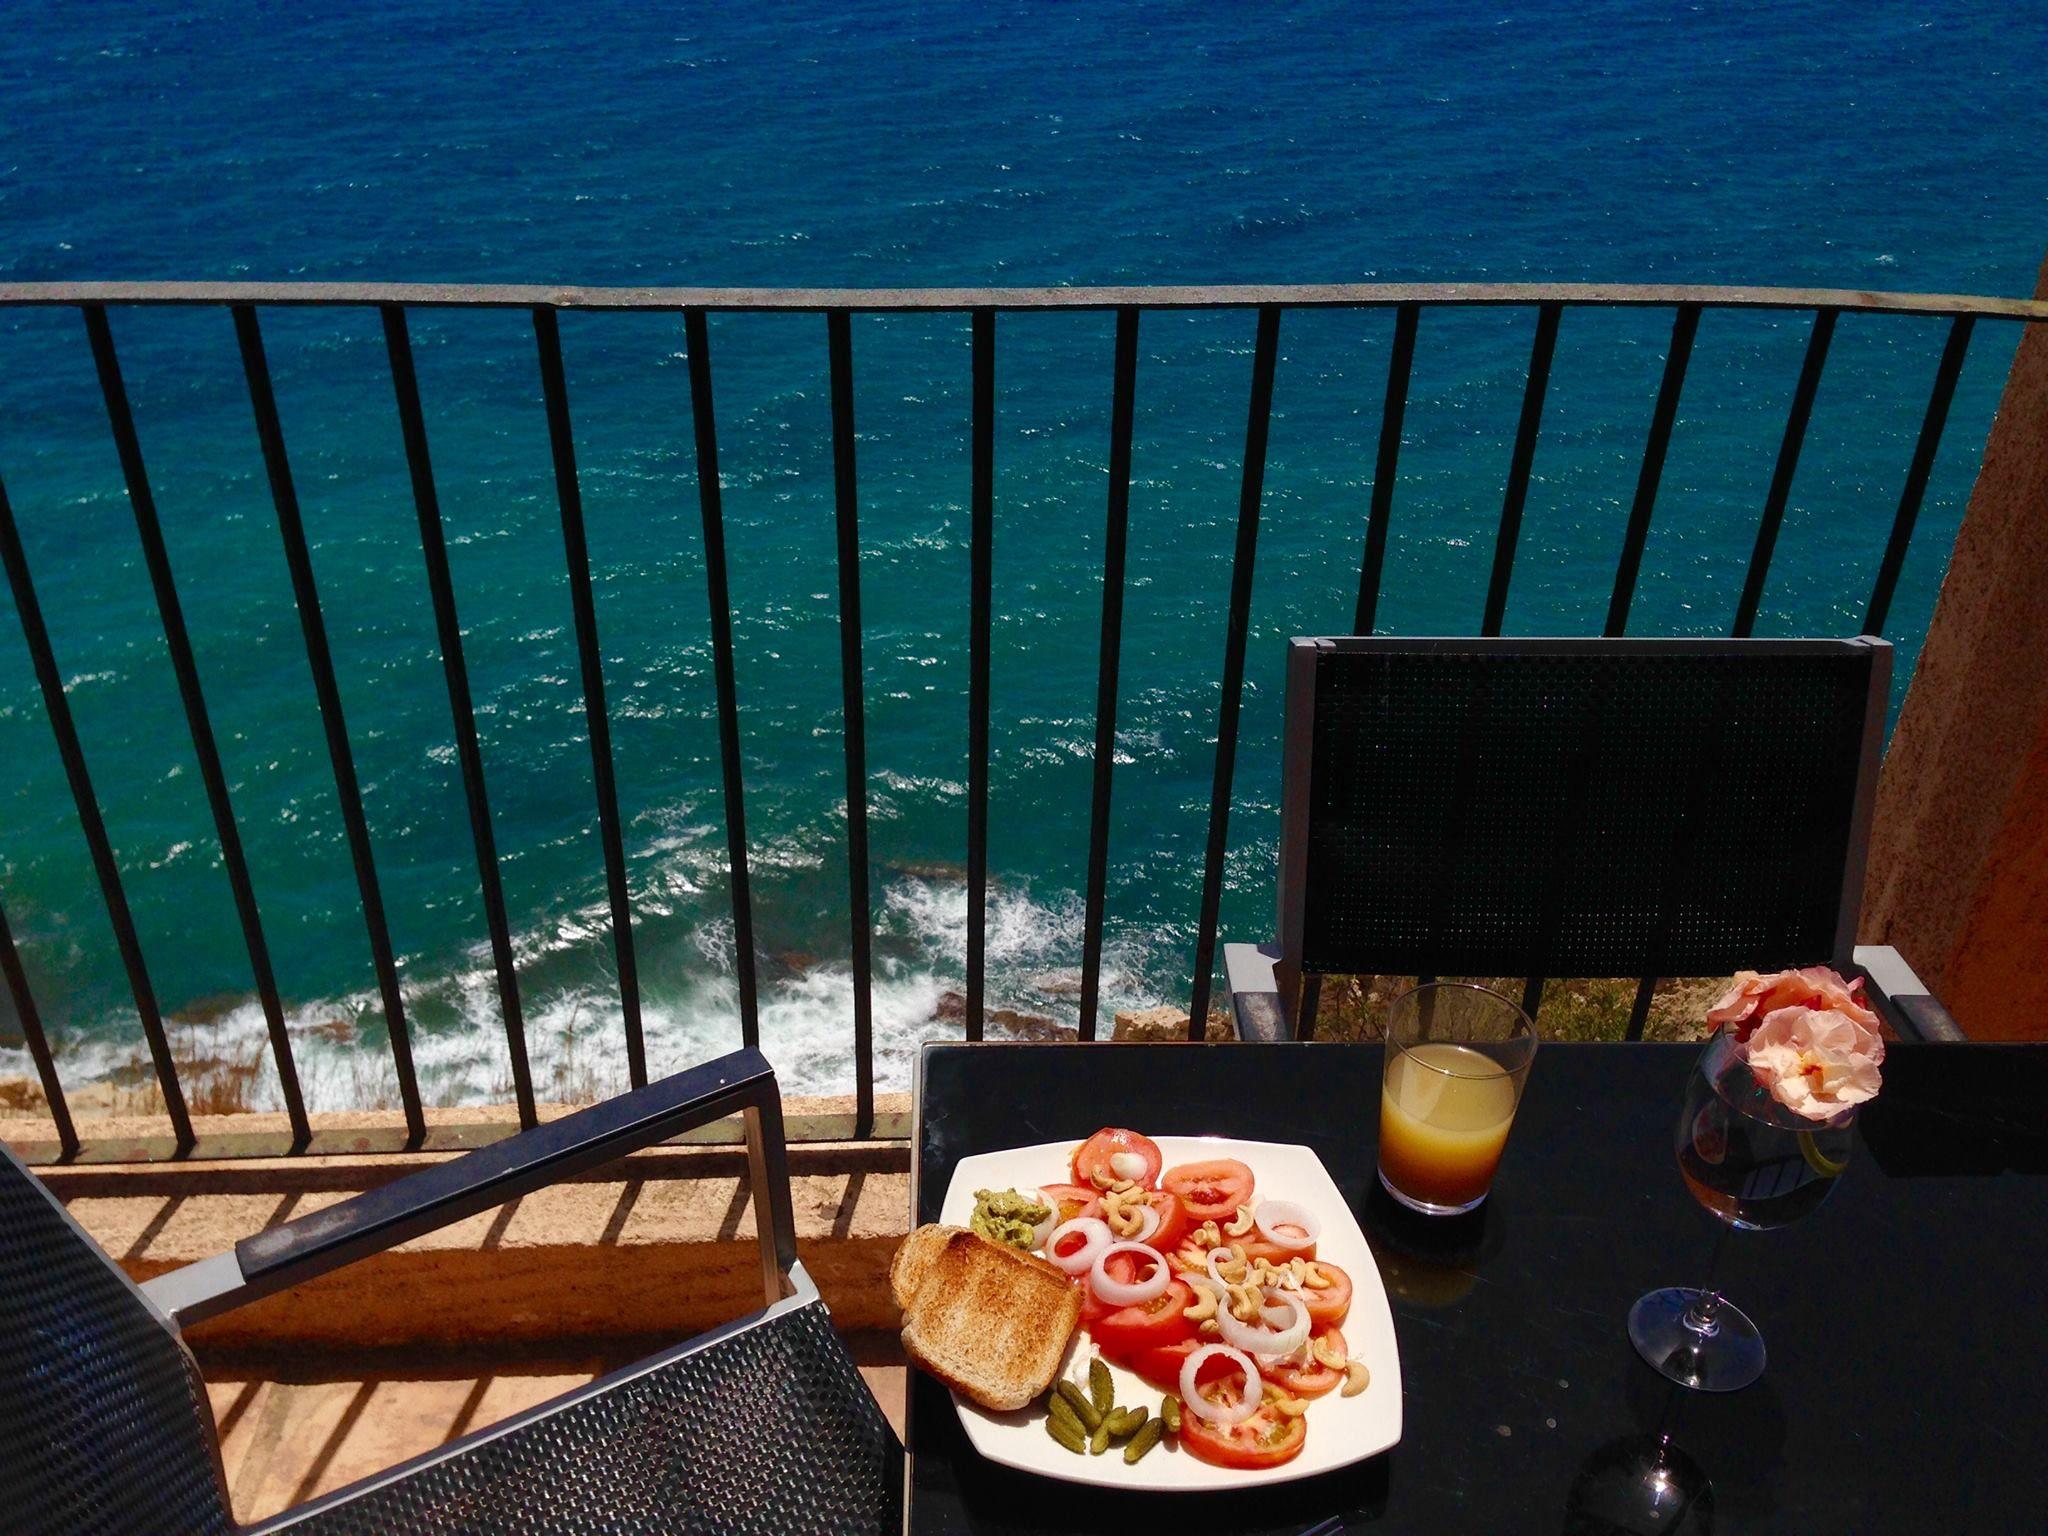 Este desayuno acantilado nos lo manda Jette Thomsen ☕ 🍩¿Cómo te lo montarías tú?...  #desayuno #PuebloAcantilado #PuebloAcantiladoSuites #ElCampello #Apartamentos #Resort #Suites #Vacaciones #Casasdecolores #CostaBlanca  #EsMediterraneo